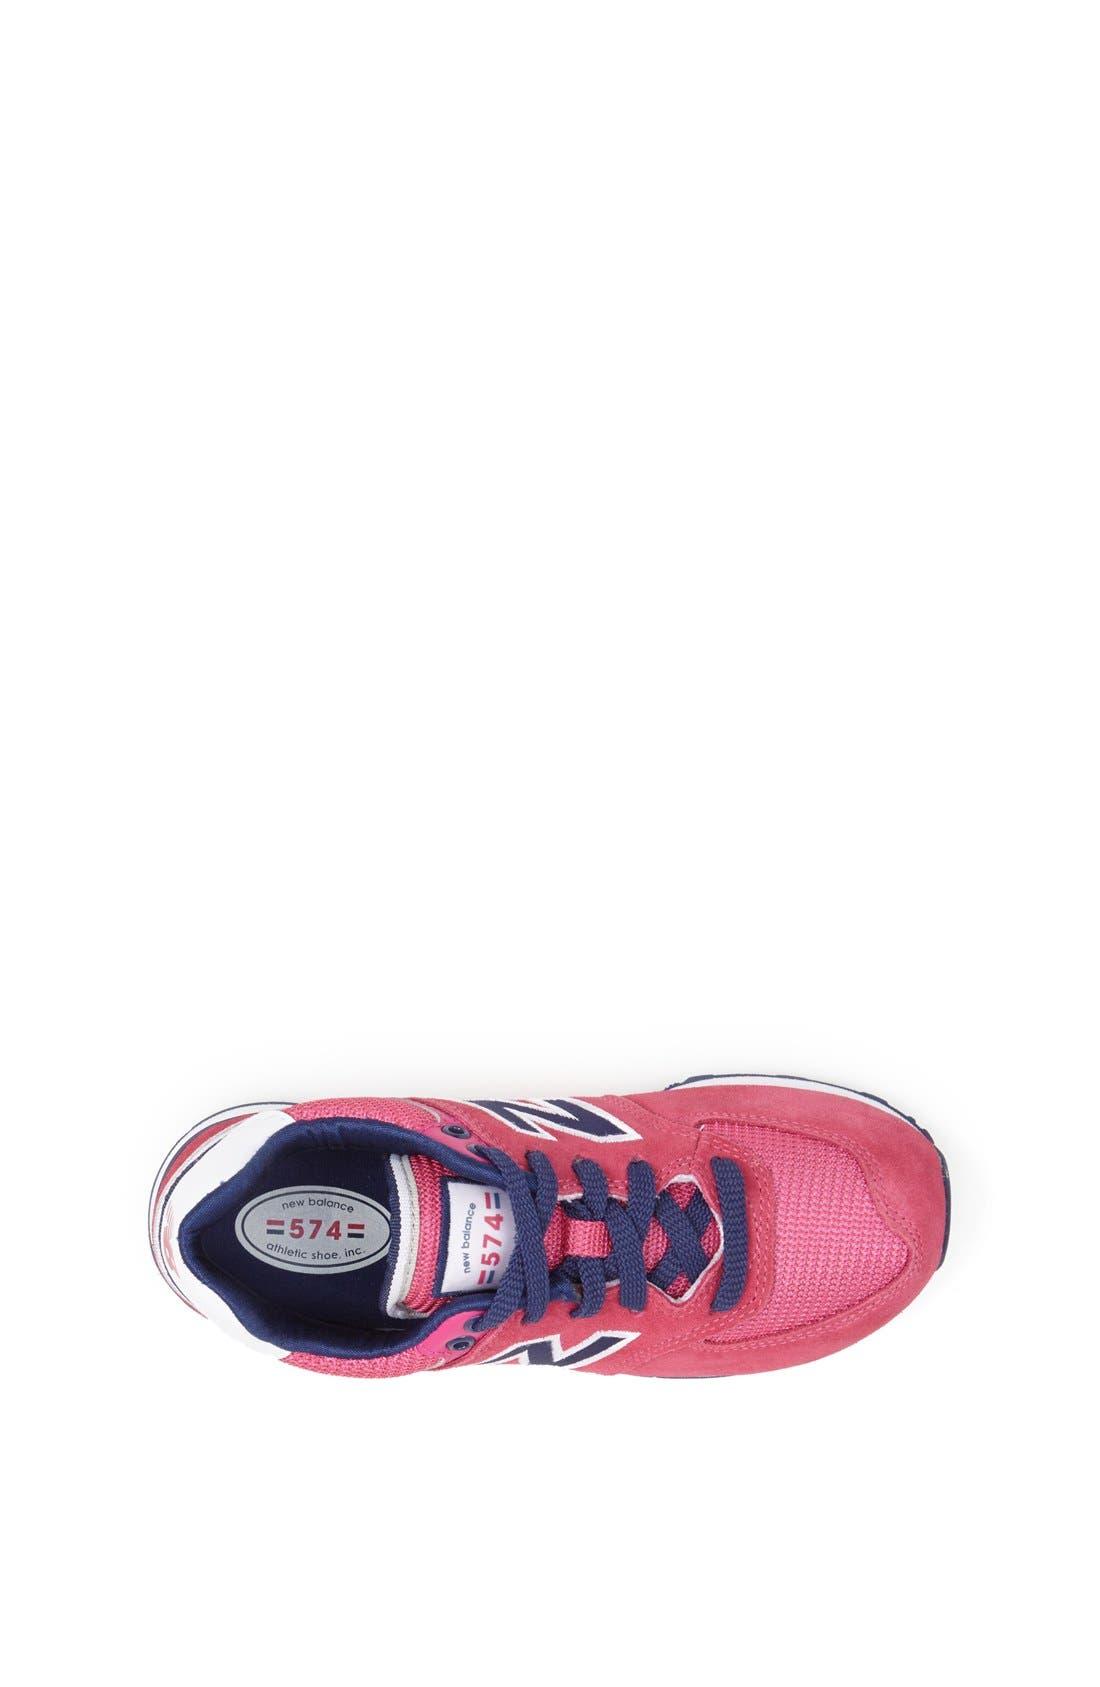 Alternate Image 3  - New Balance '574 - SJ' Sneaker (Toddler, Little Kid & Big Kid)